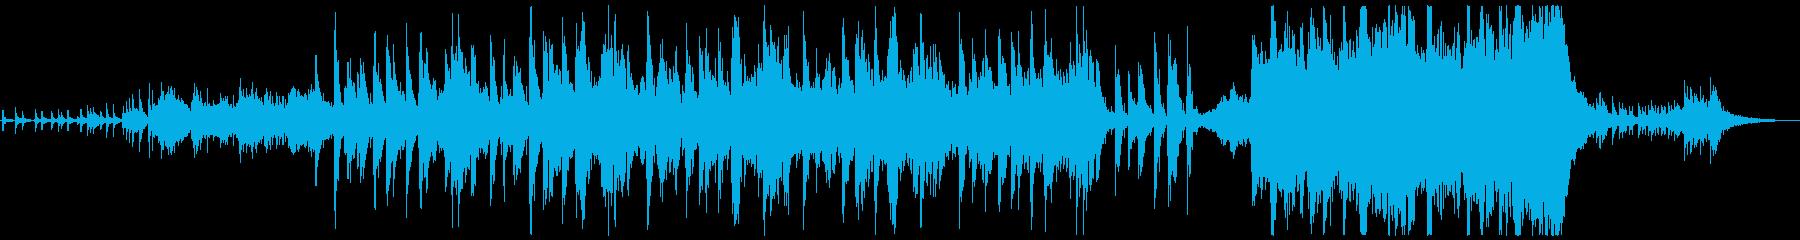 クラシック交響曲 ファンタジー 魔...の再生済みの波形